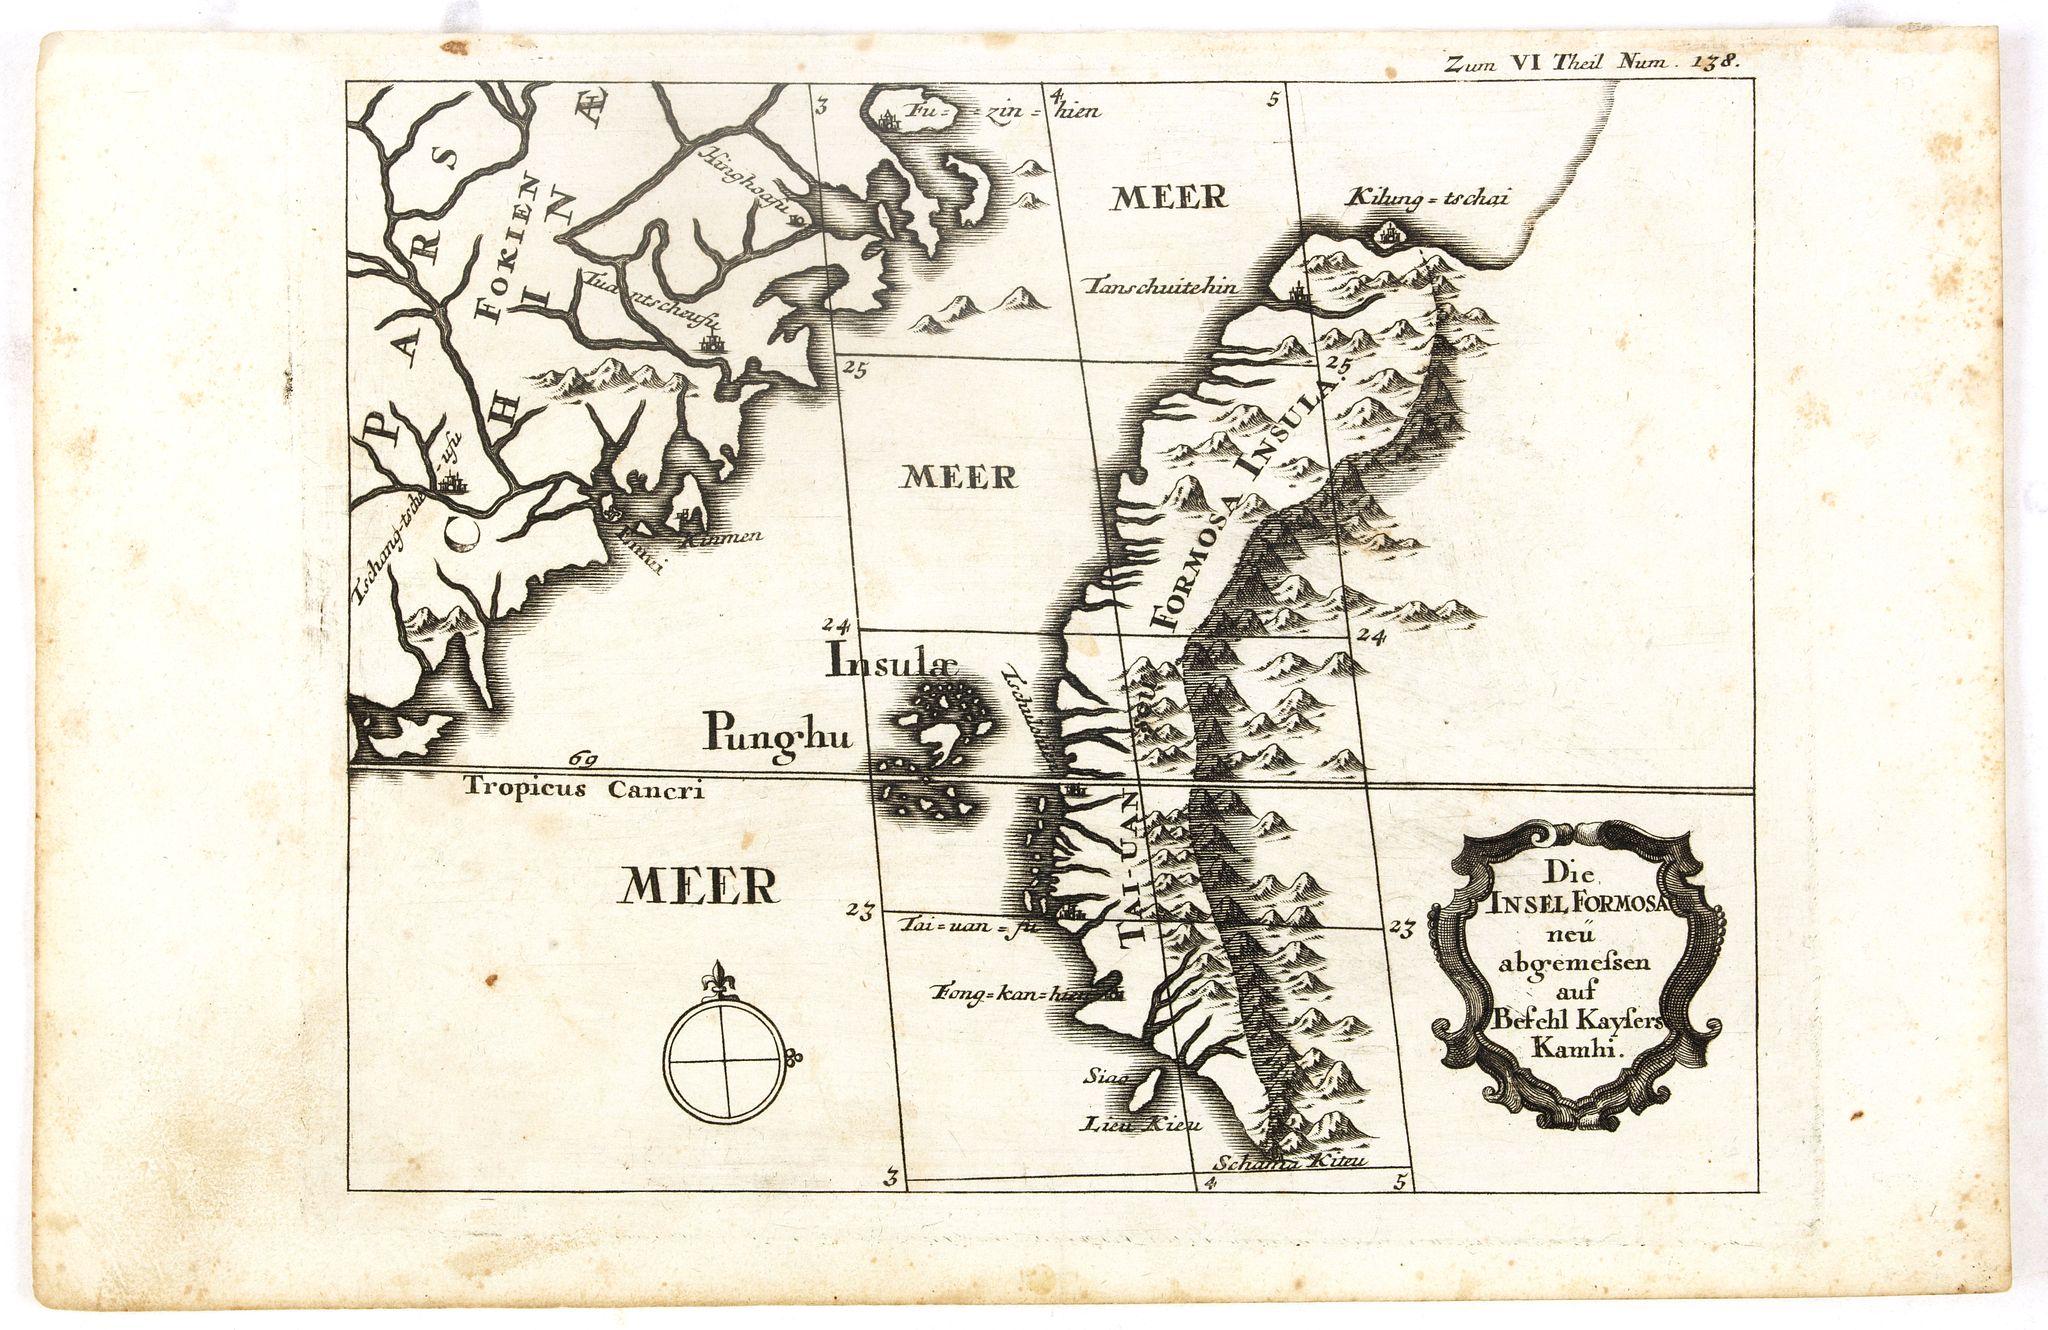 STOCKLEIN, J. -  Die Insel Formosa neu abgemessen auf Befehl Kaysers Kamhi.